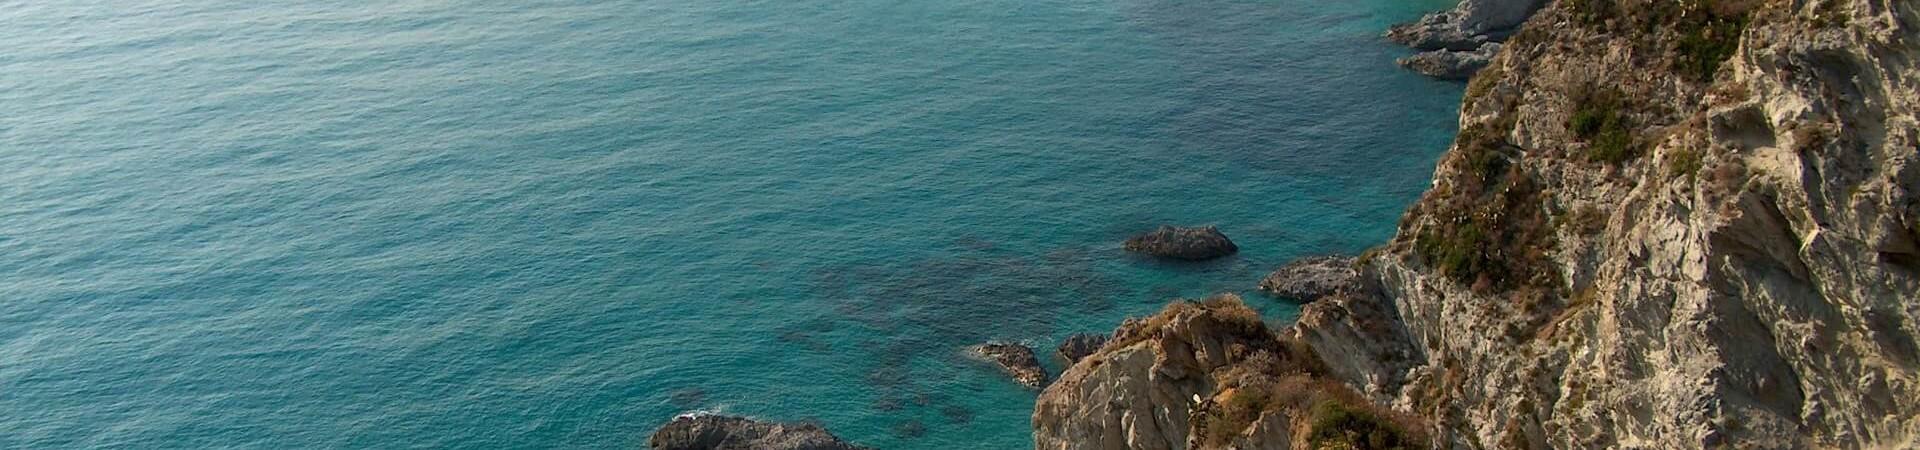 Calabria wzgórze plaża